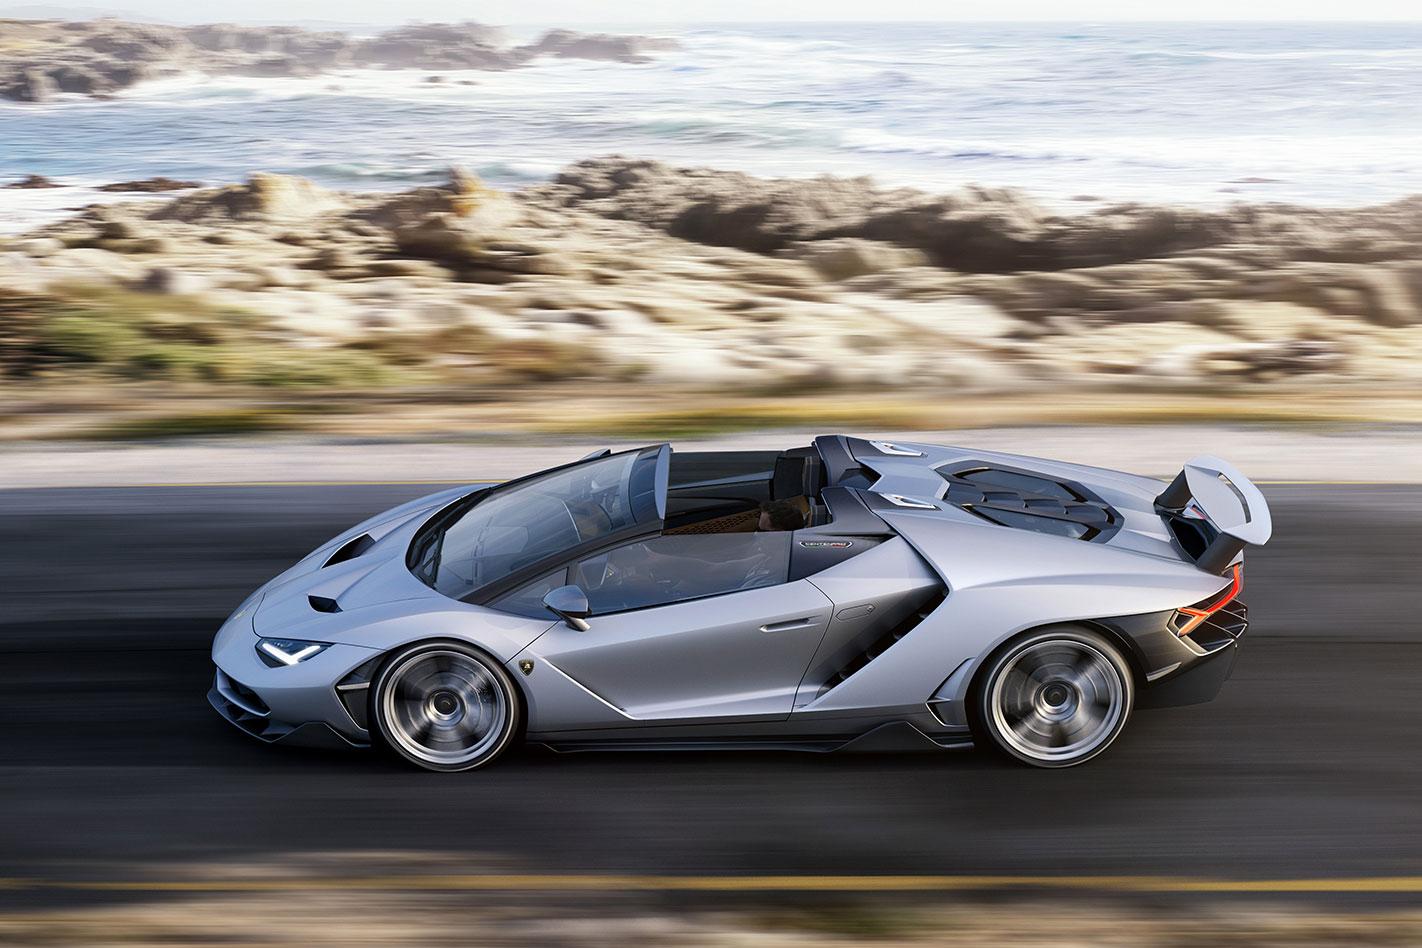 Lamborghini Centenario Roadster profile